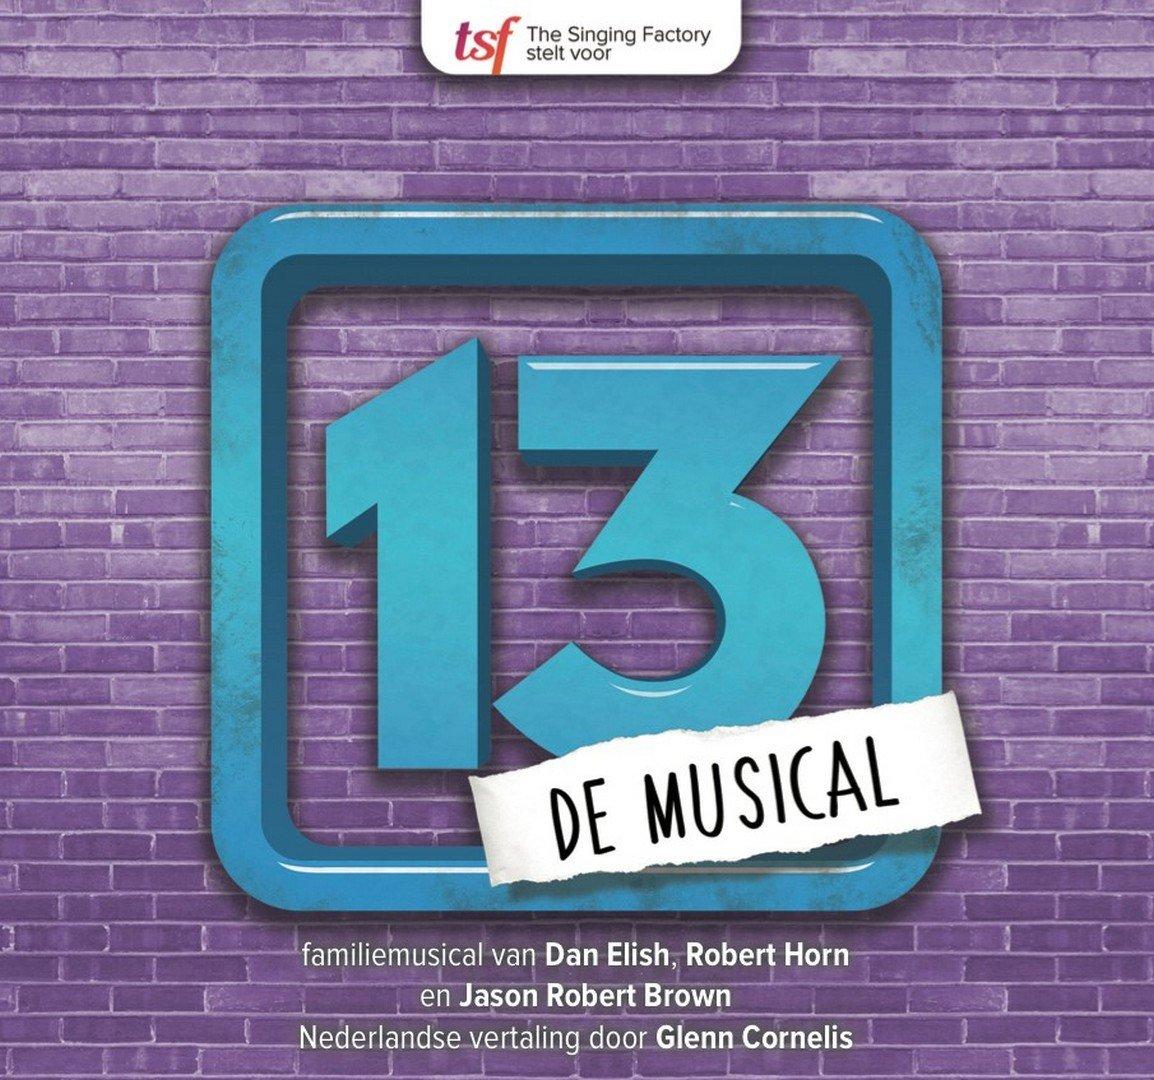 The Singing Factory (Berchem) presenteert jonge talenten van kidskoor - 13 De Musical 1